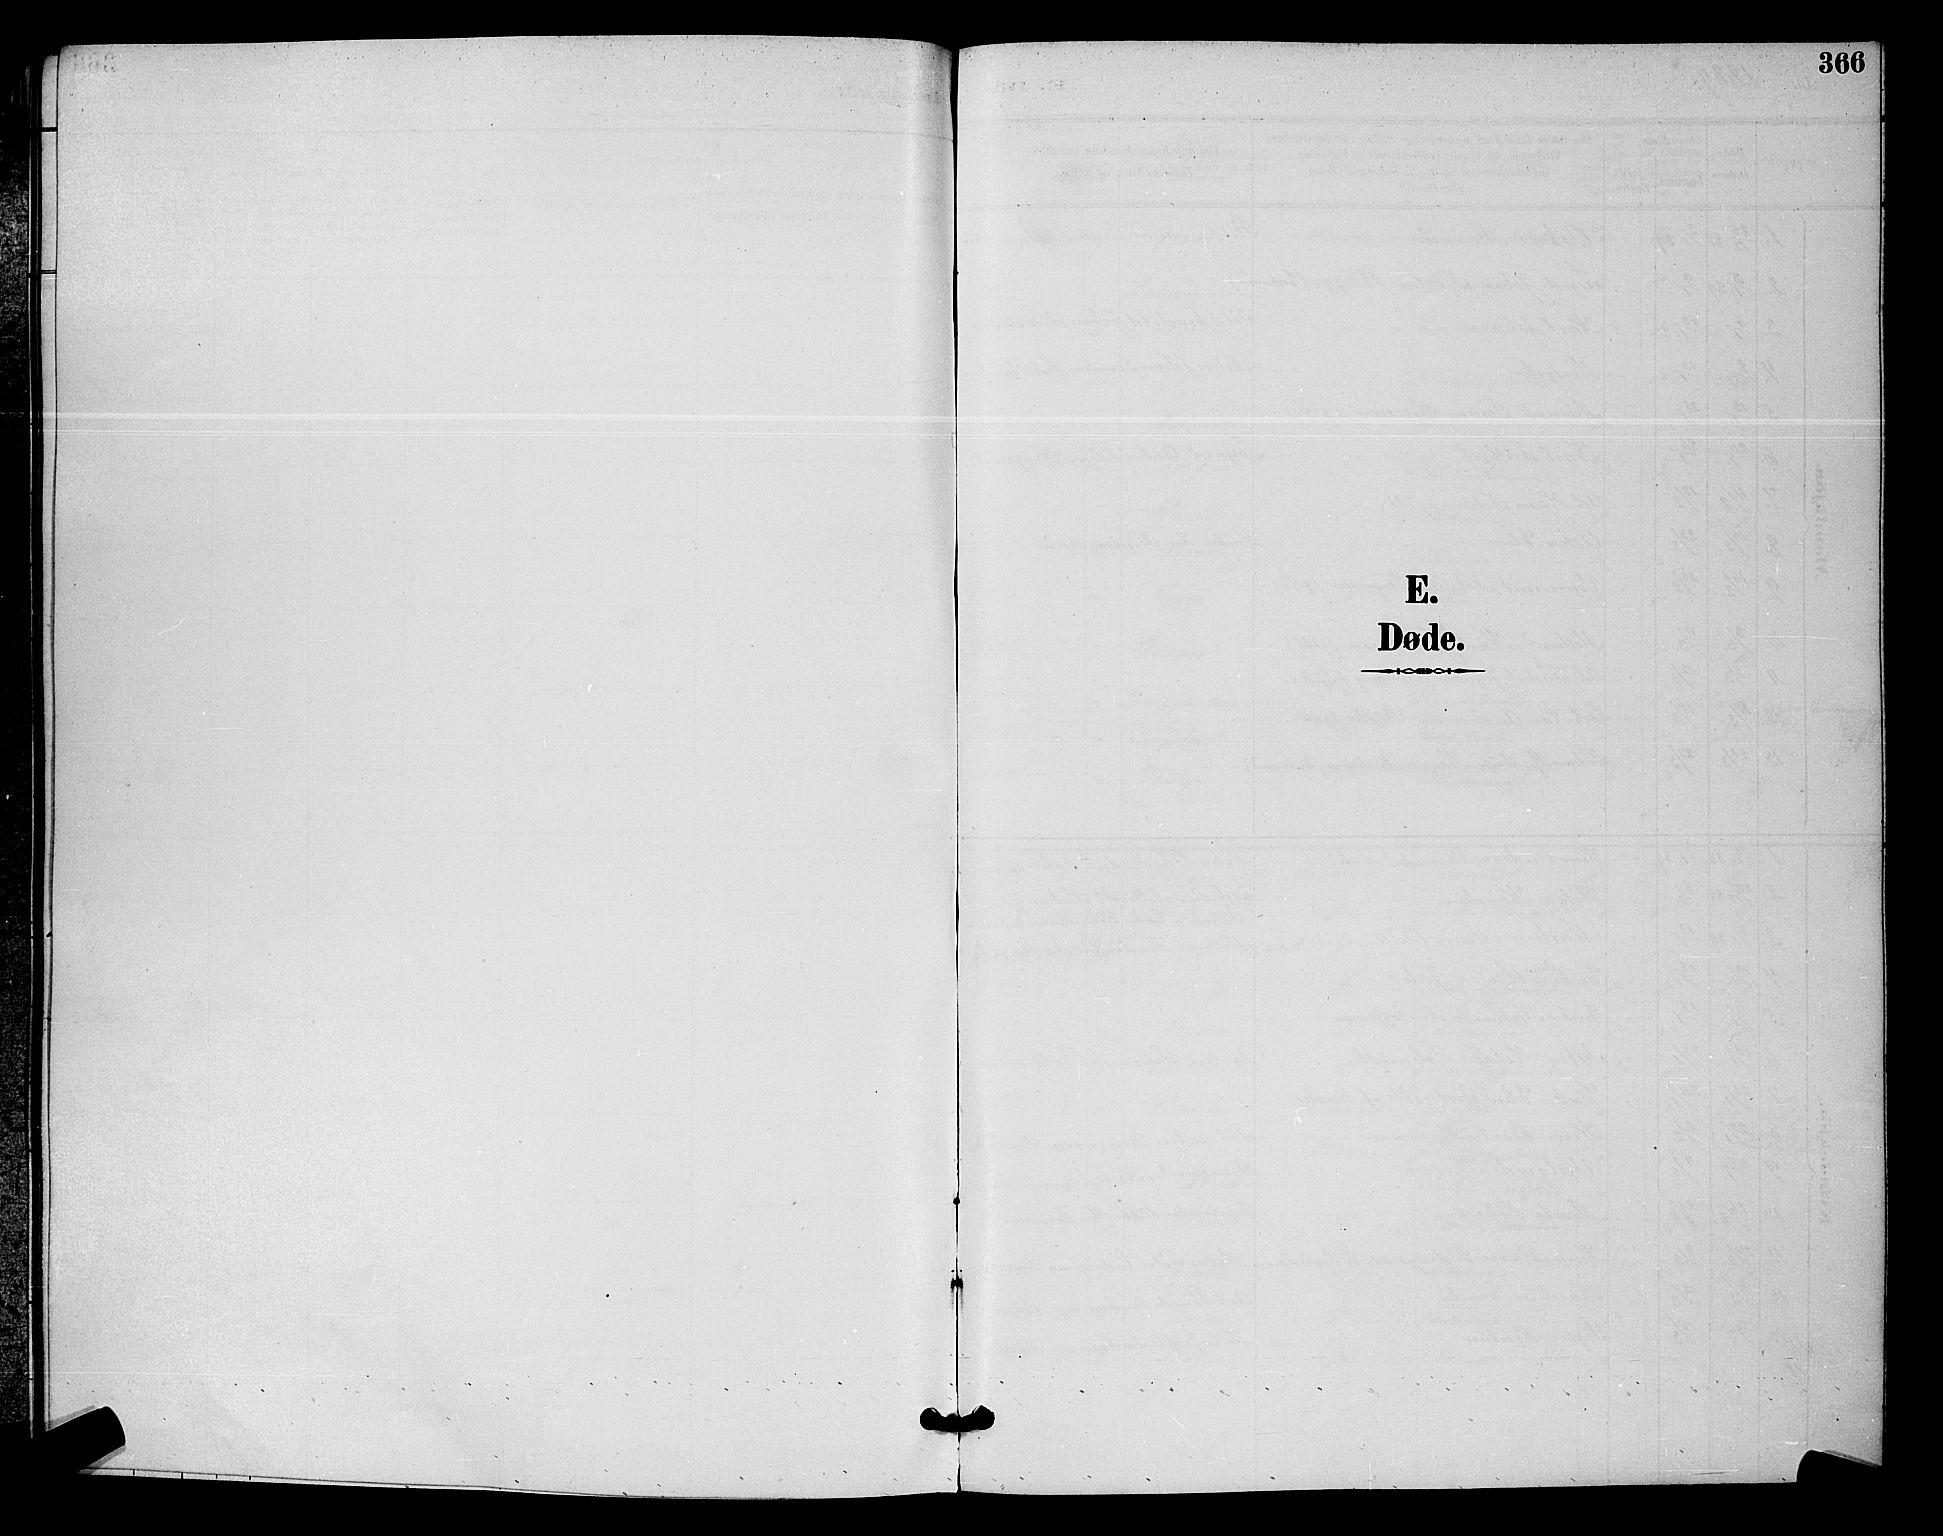 SAO, Moss prestekontor Kirkebøker, G/Ga/L0006: Klokkerbok nr. I 6, 1889-1900, s. 366